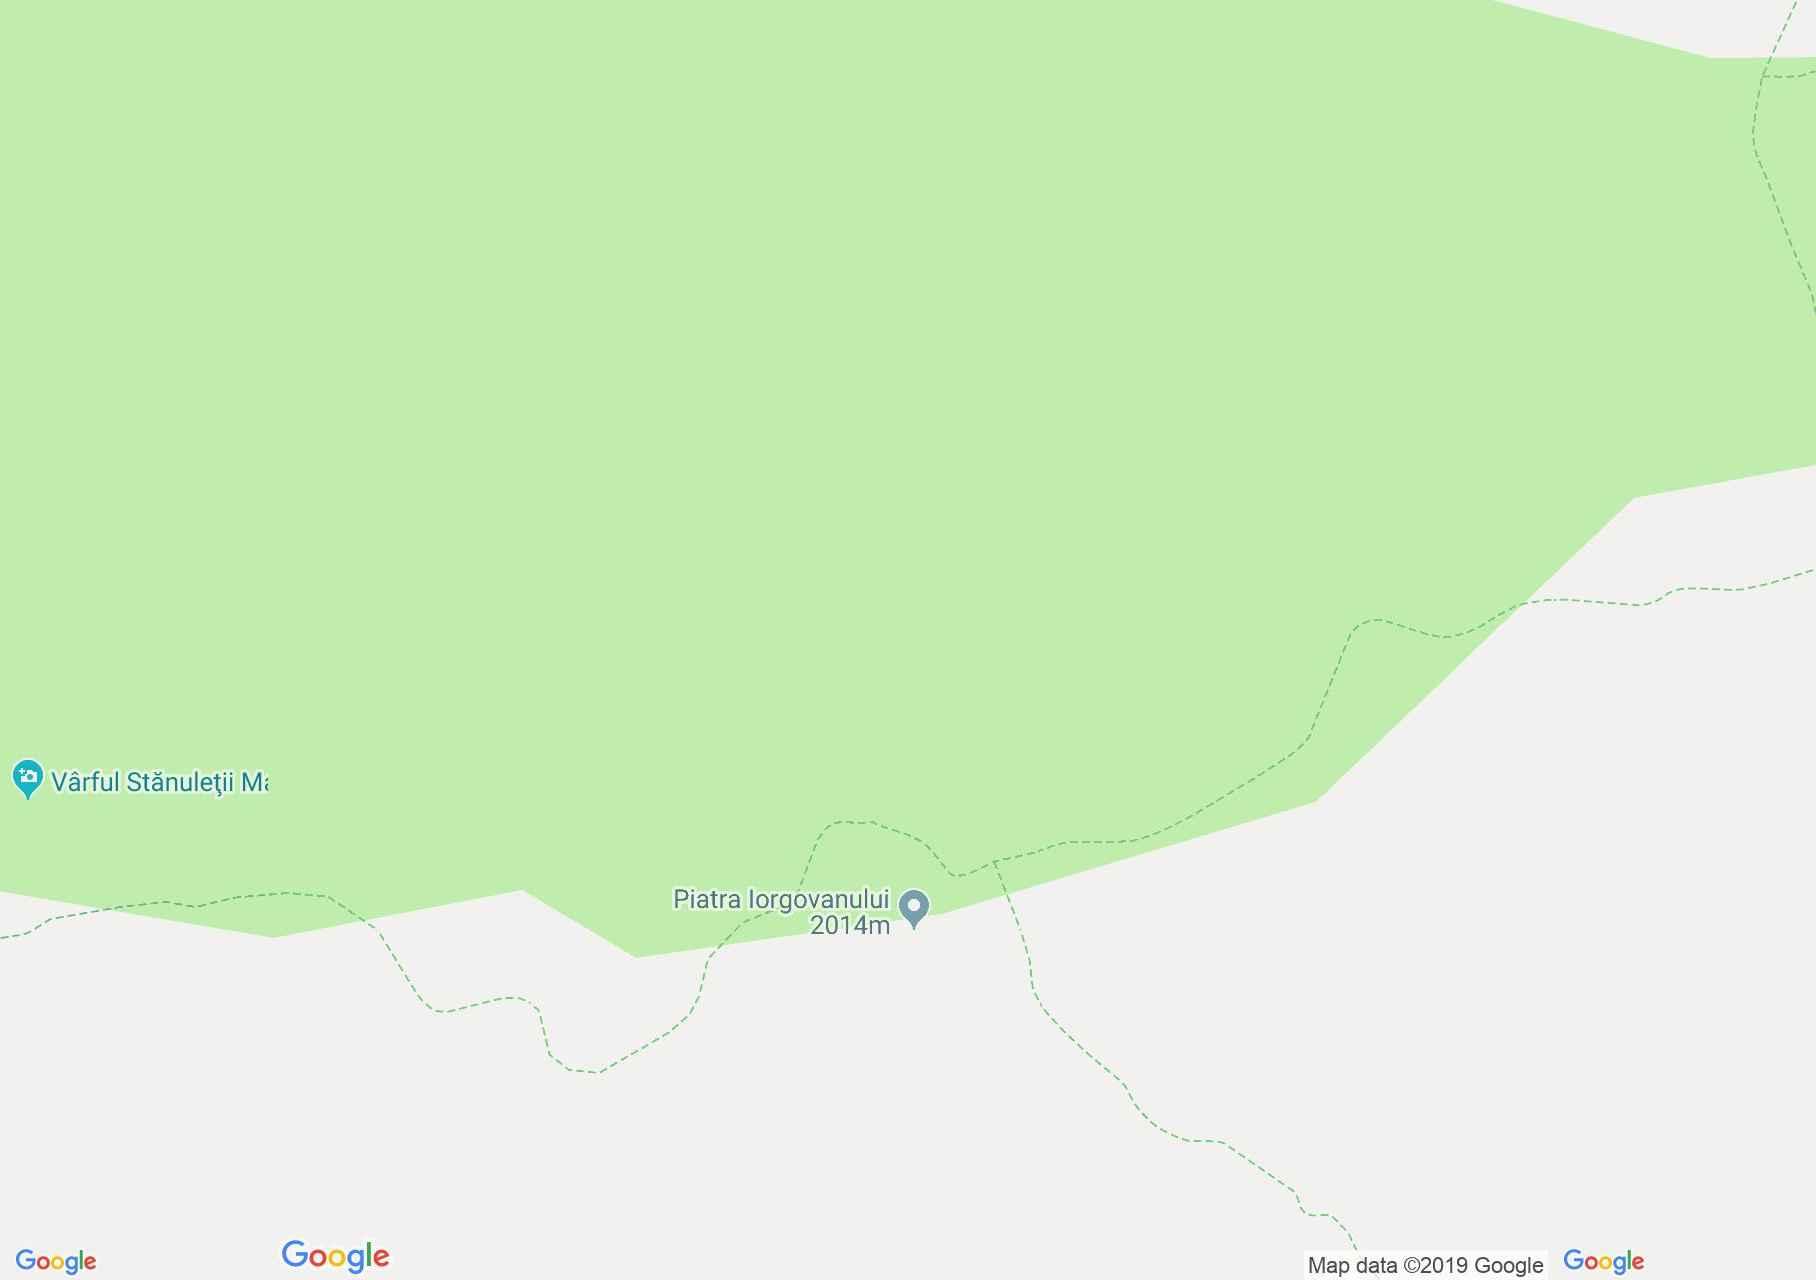 Hartă Muntii Retezat: Piatra Iorgovanului